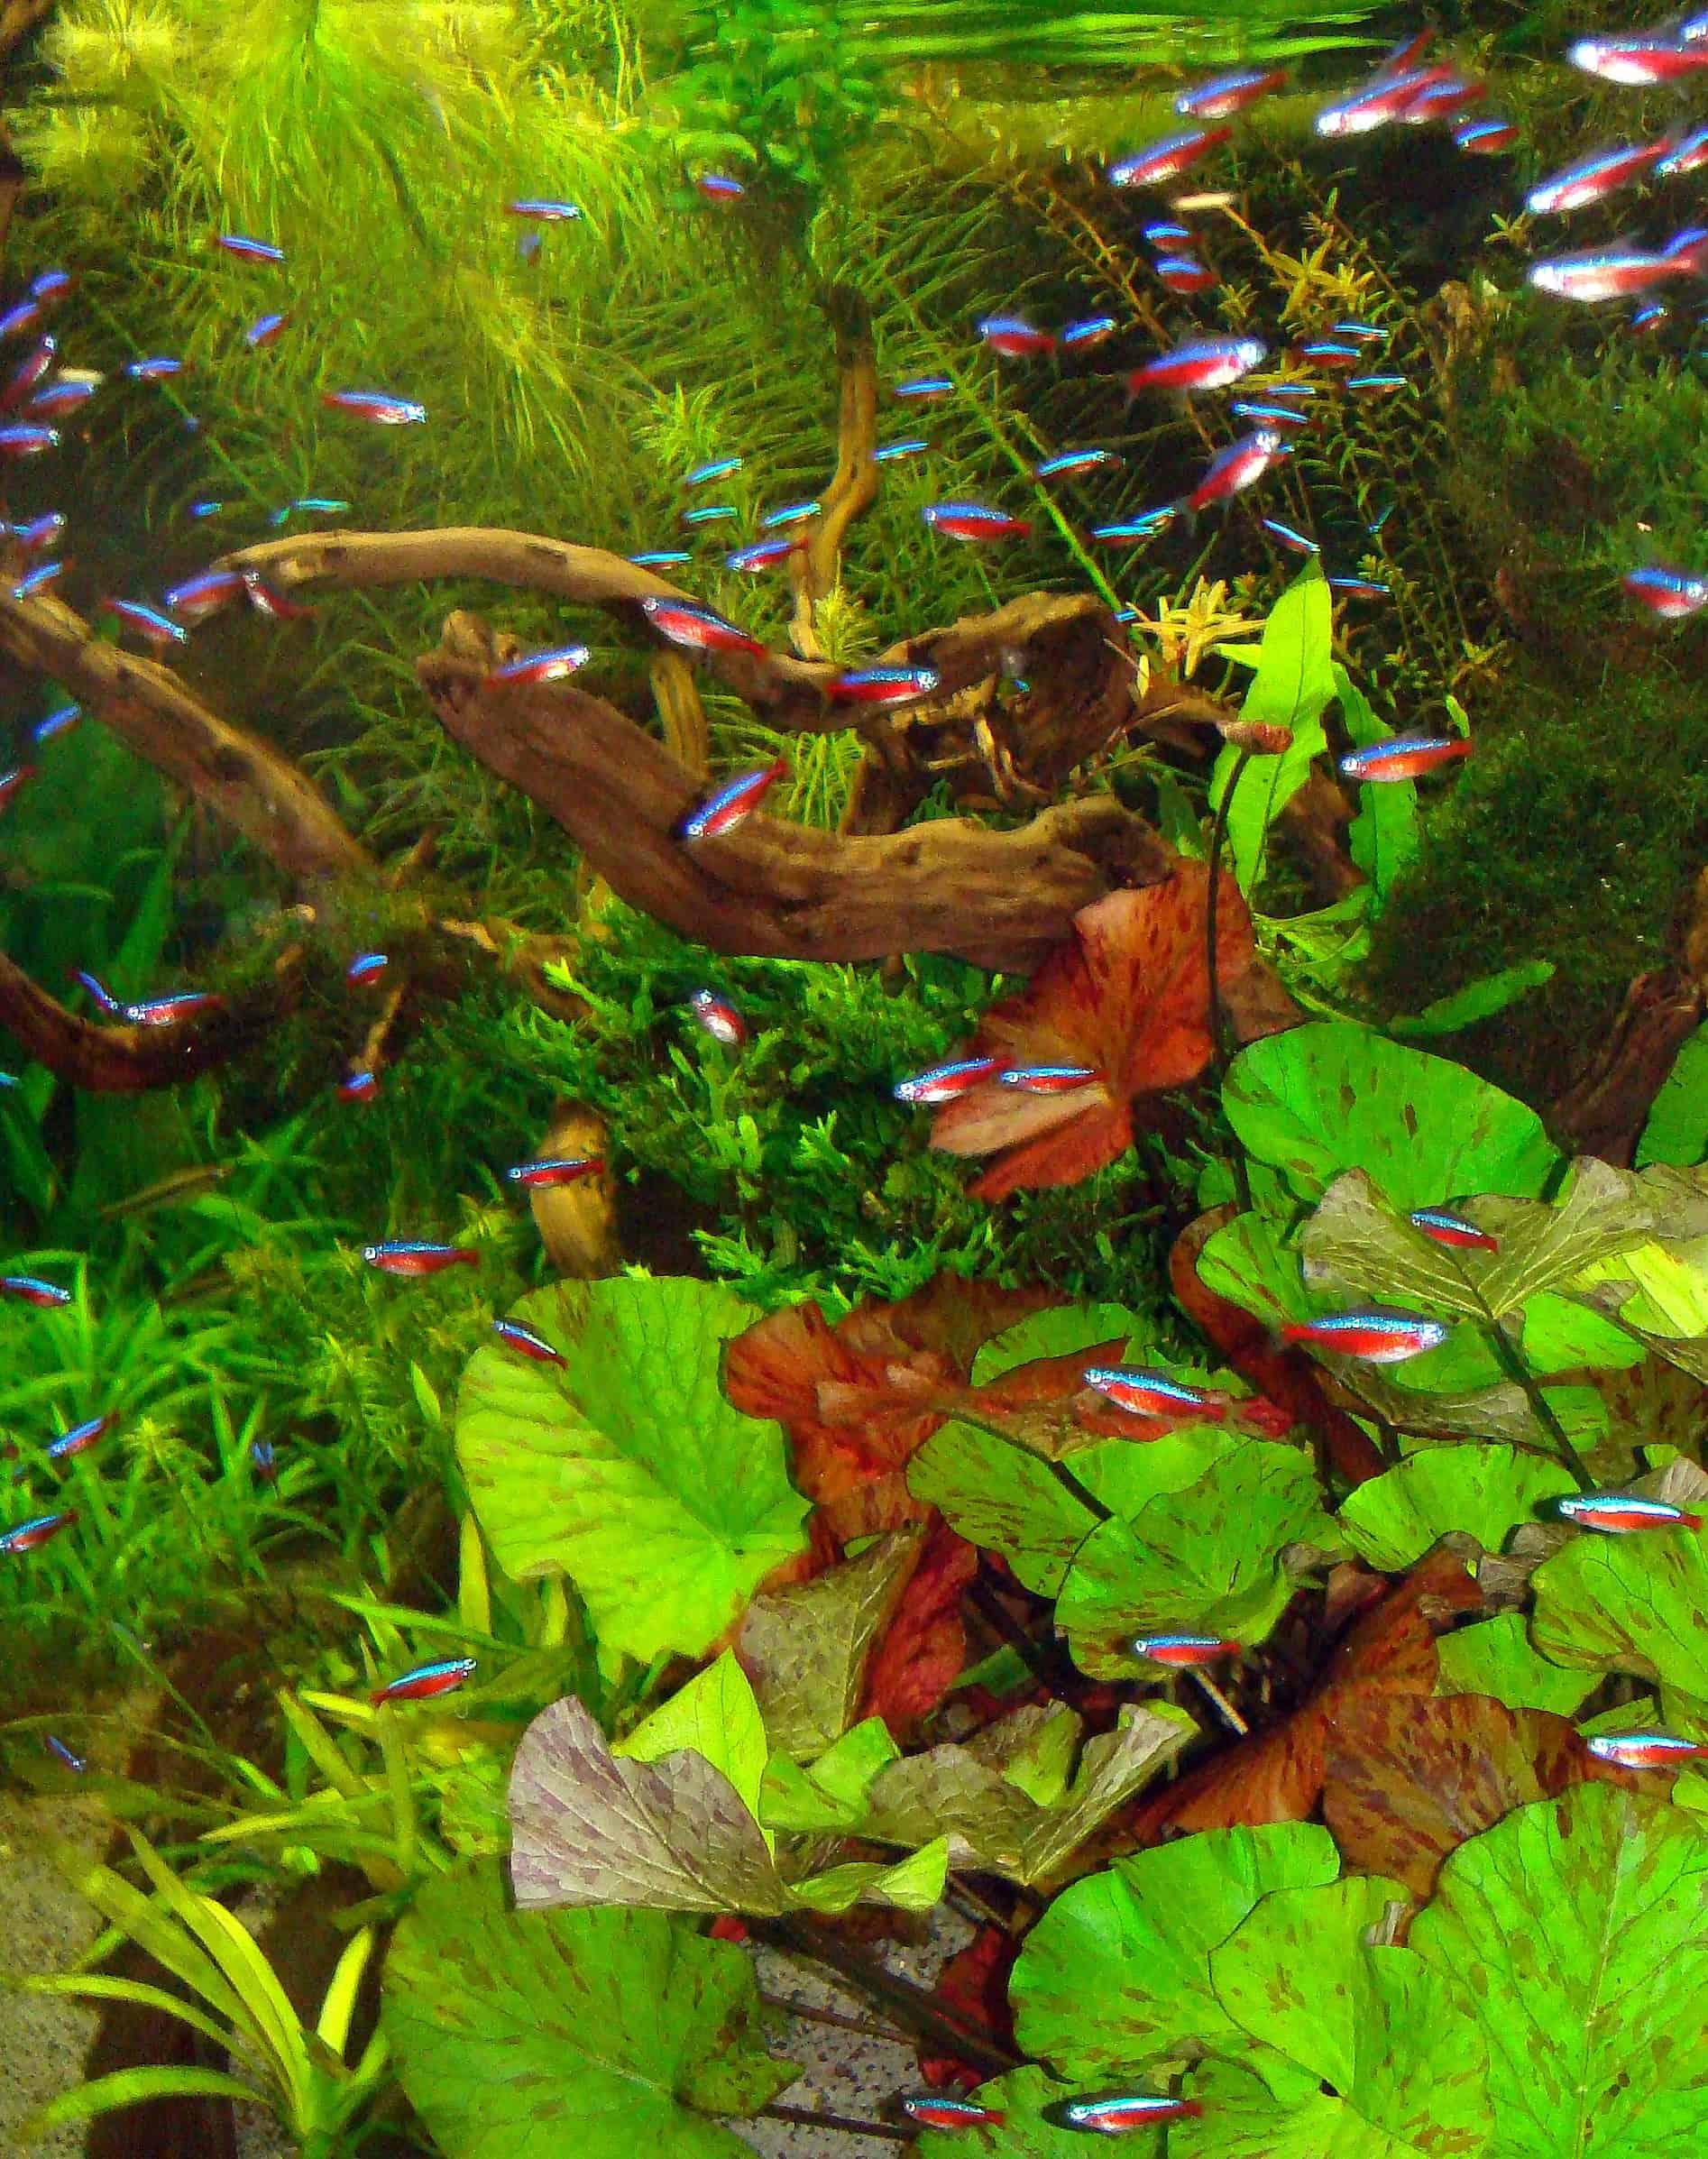 """Foto: FLH. - Übermäßiges Reinigen ist nicht gut für das Biosystem Aquarium. """"Ein Ansetzen an den richtigen Problemstellen sorgt oftmals besser dafür, dass das natürliche Gleichgewicht sich schon von selbst findet"""", empfiehlt Zierfischzüchter Peter Merz."""